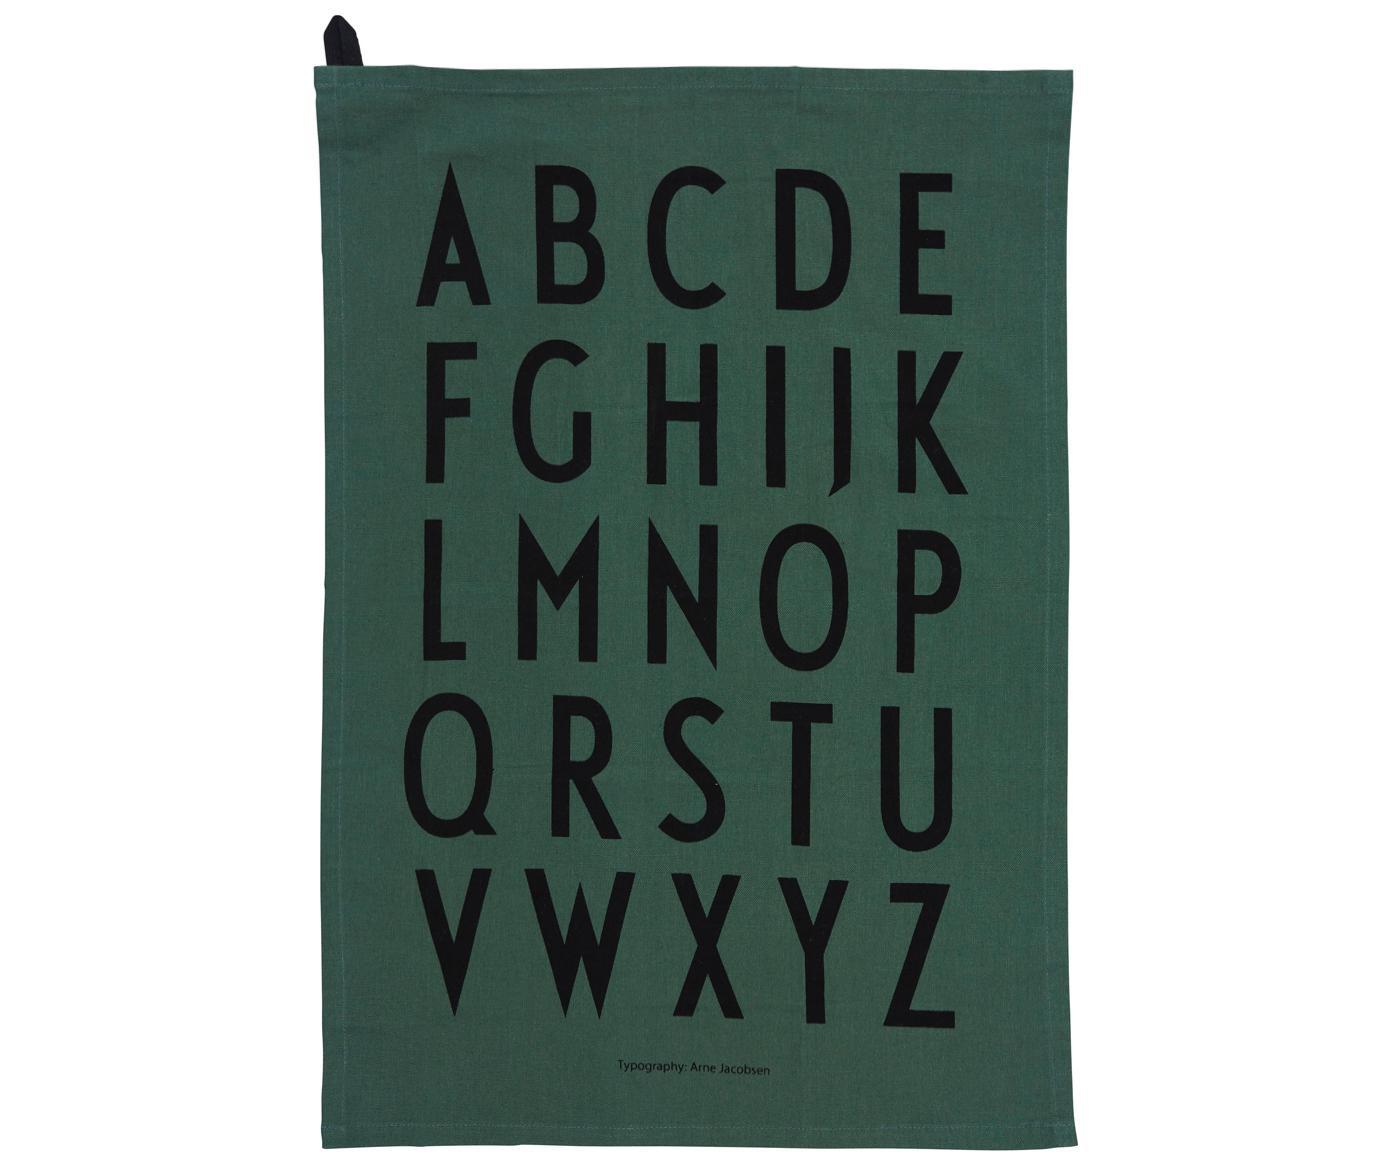 Theedoeken Classic in groen met designletters, 2 stuks, Katoen, Groen, zwart, 40 x 60 cm